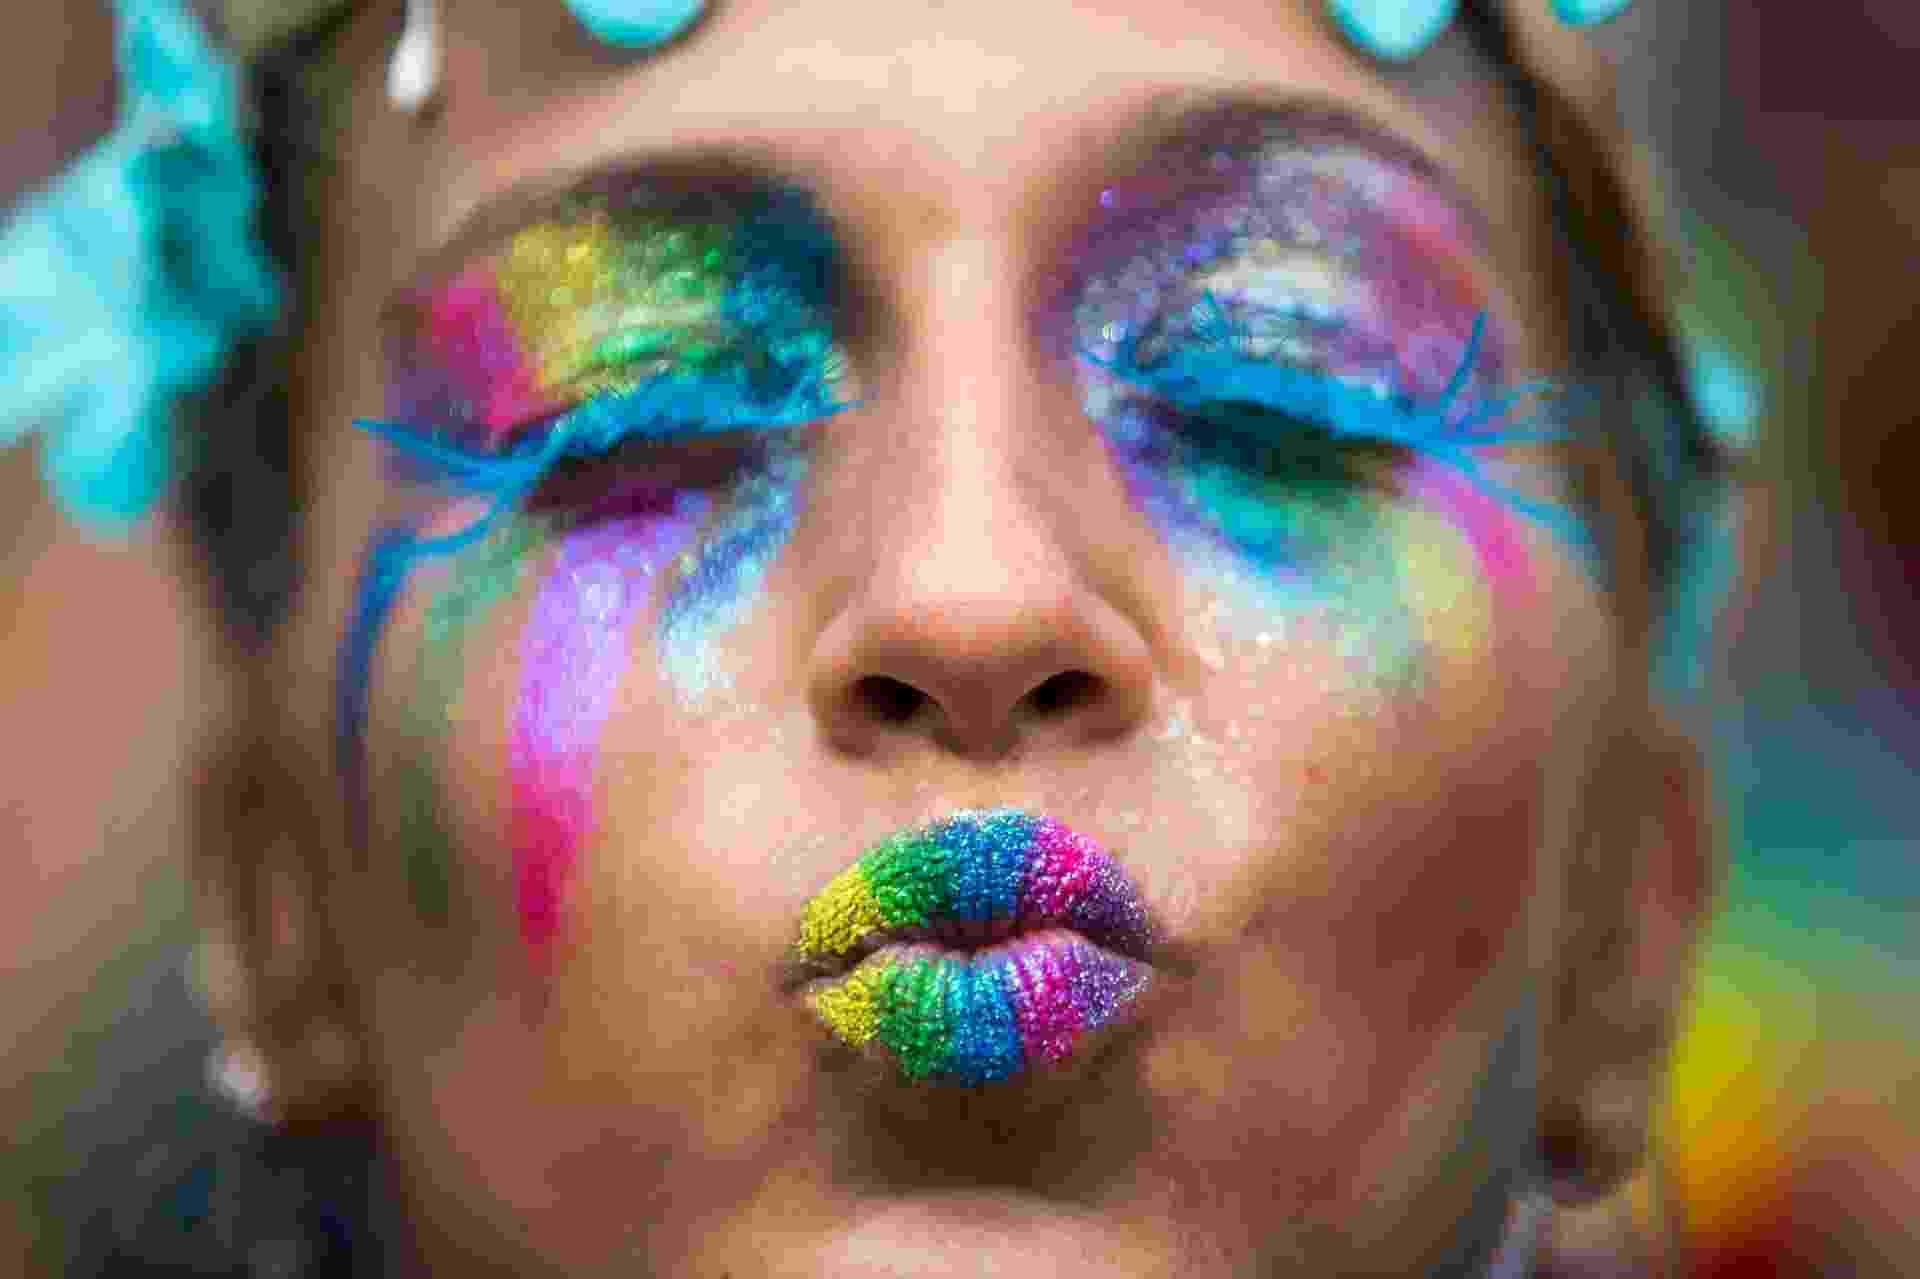 Folionas capricharam na maquiagem e fantasia no terceiro dia de Carnaval - Ricardo Borges/Folhapress